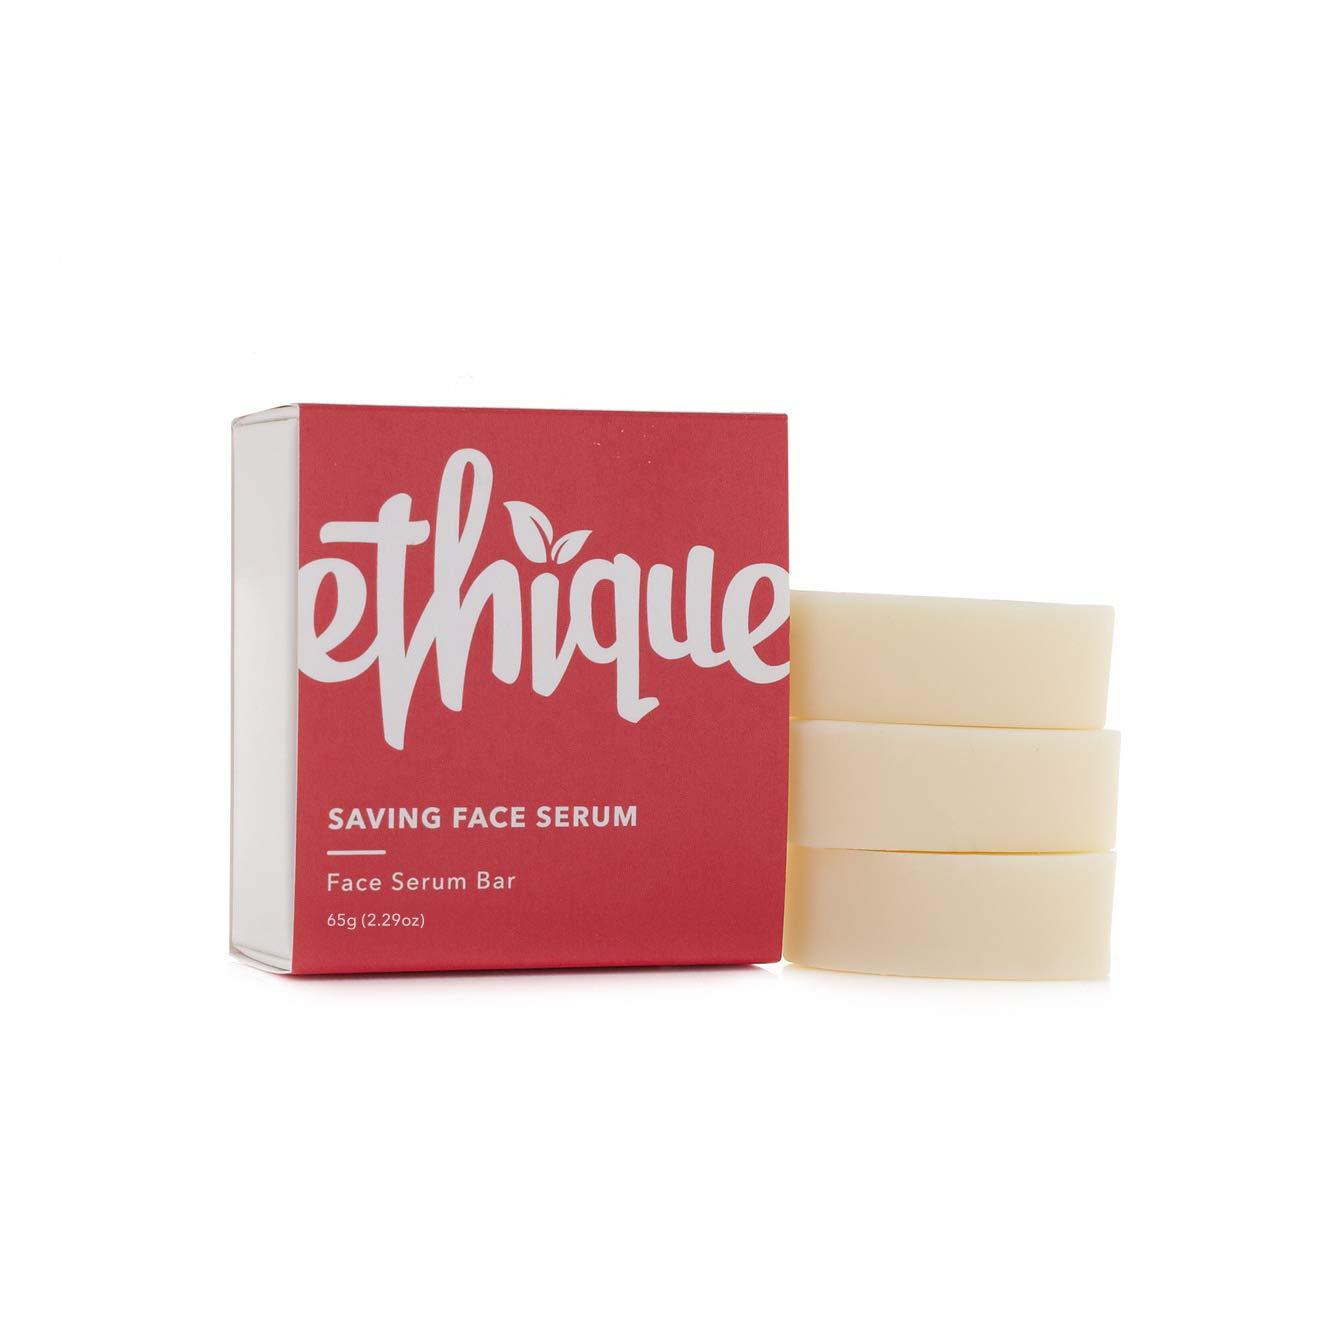 Ethique Eco-Friendly, Saving Face Serum 2.29 oz